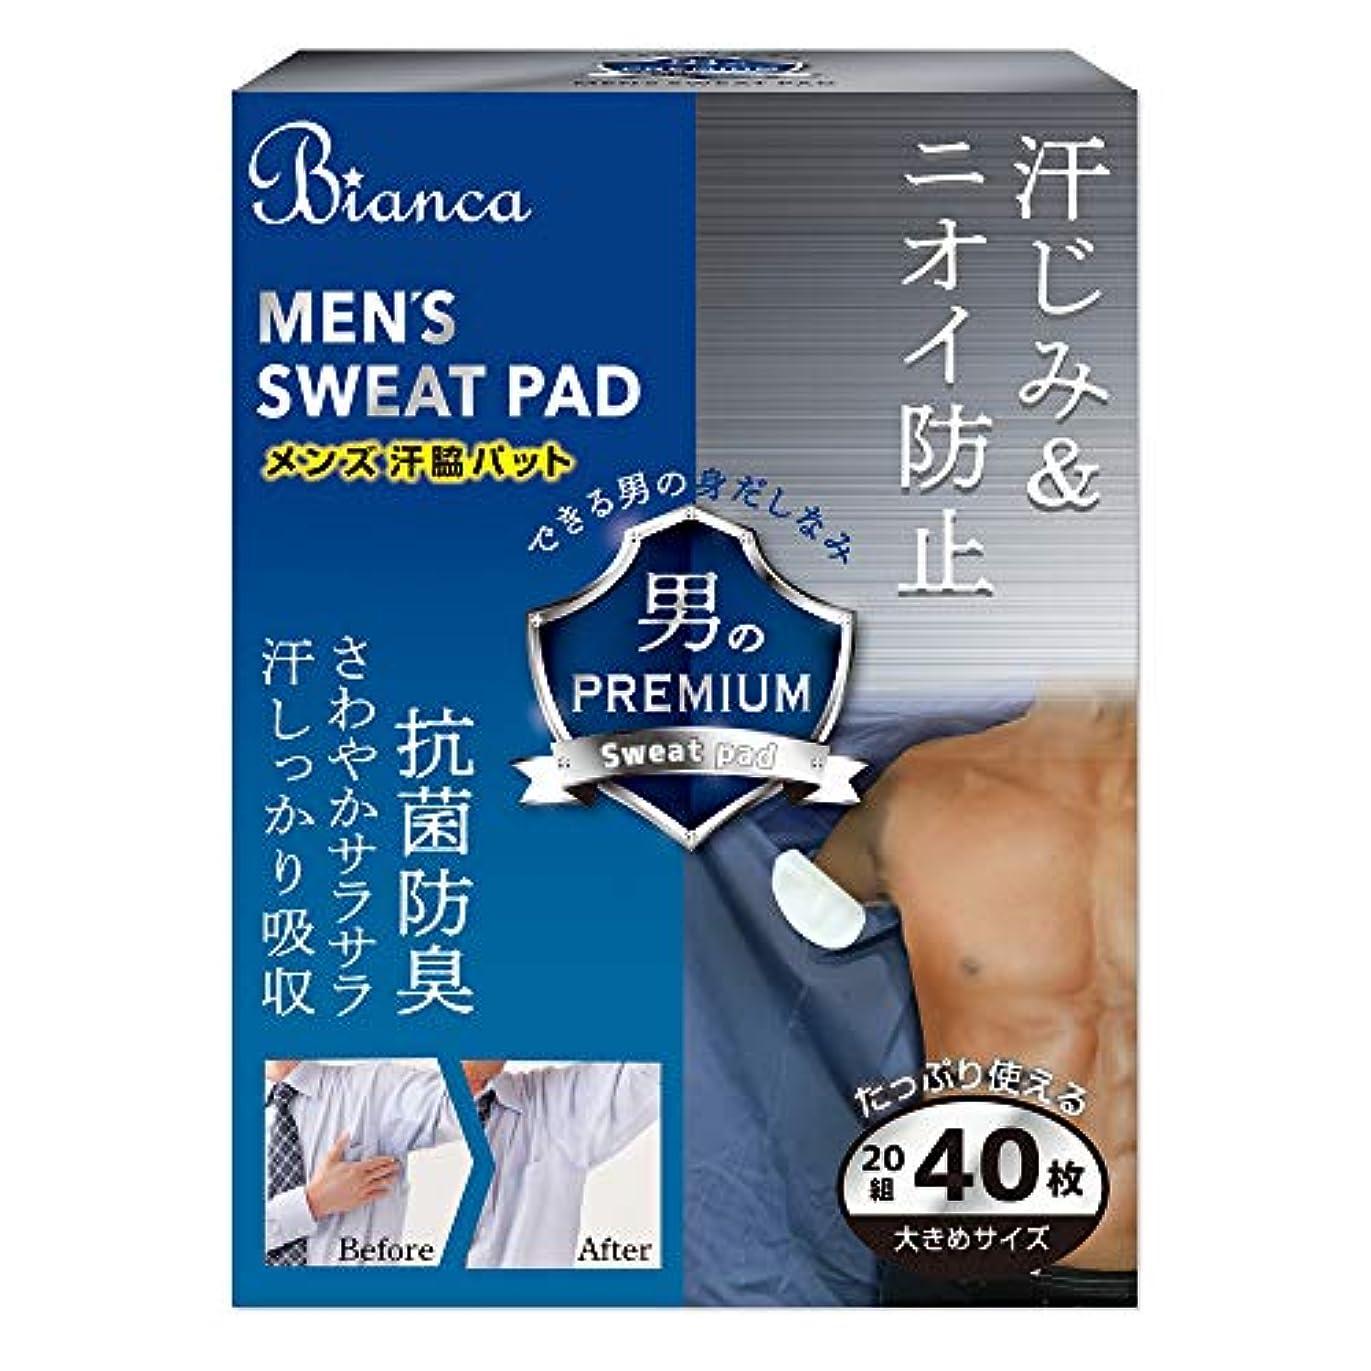 【Bianca】 メンズ あせワキパット ワキ汗パット ワキ汗対策 あせジミ防止 防臭 40枚入り Bi-01